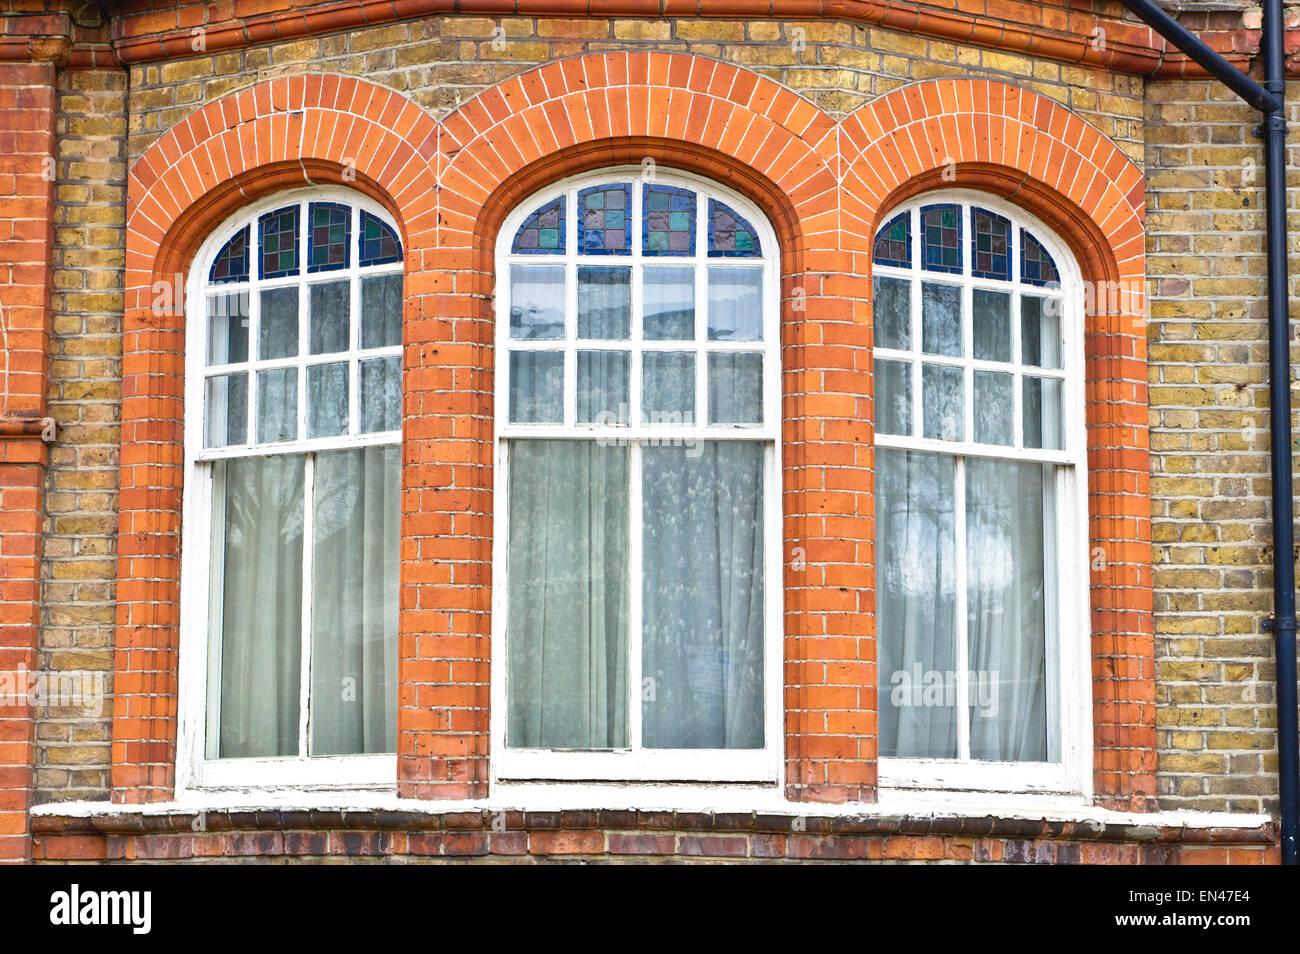 Ventanas De Arco En Un Edificio De Ladrillo Rojo En